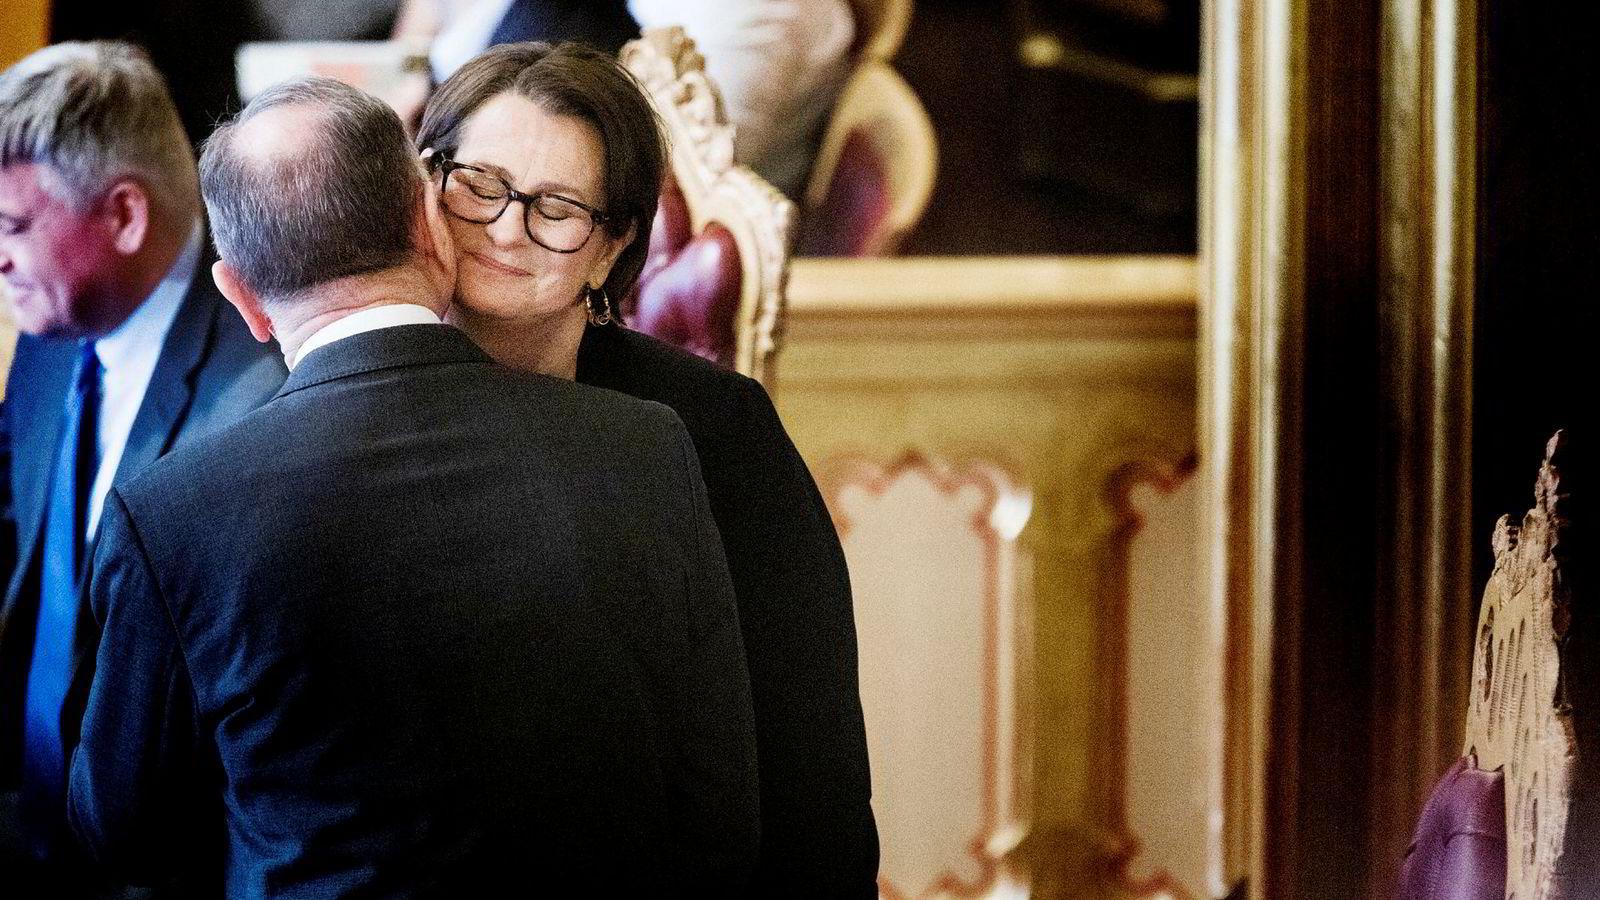 Tone Trøen er blitt valgt til ny stortingspresident. Forgjengeren Olemic Thommessen gir gratulasjonsklem.